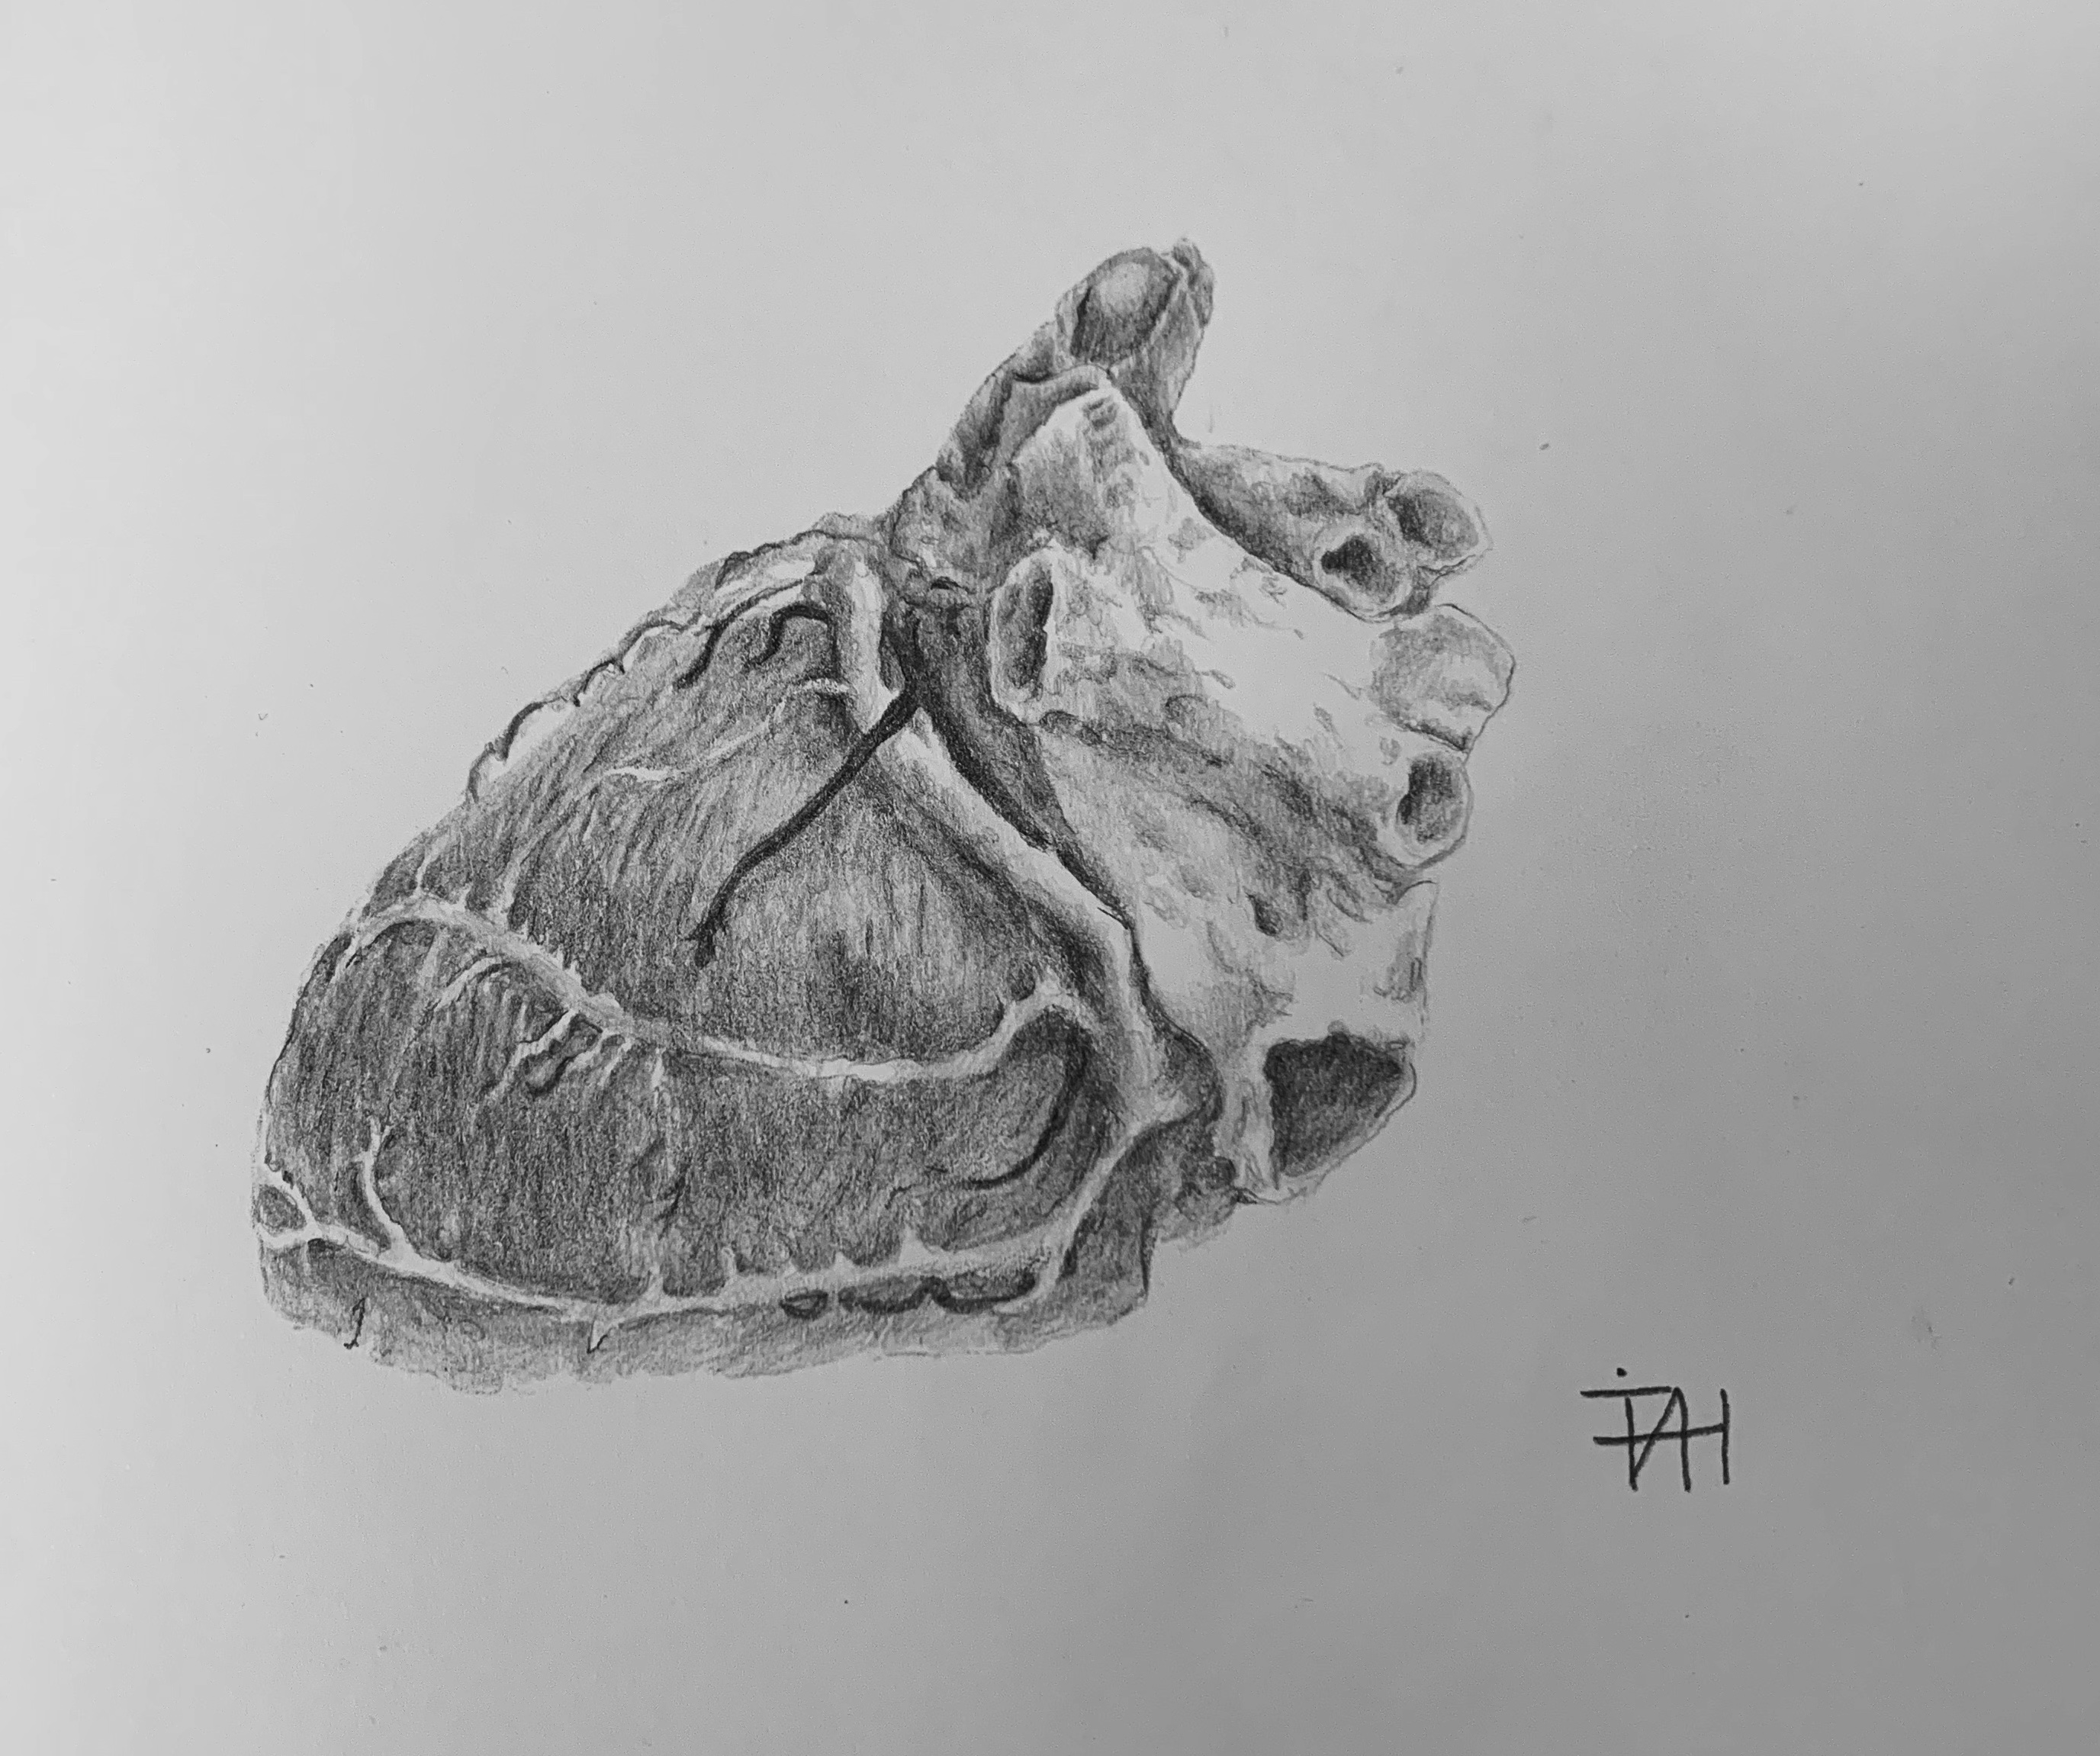 cardiac sketch